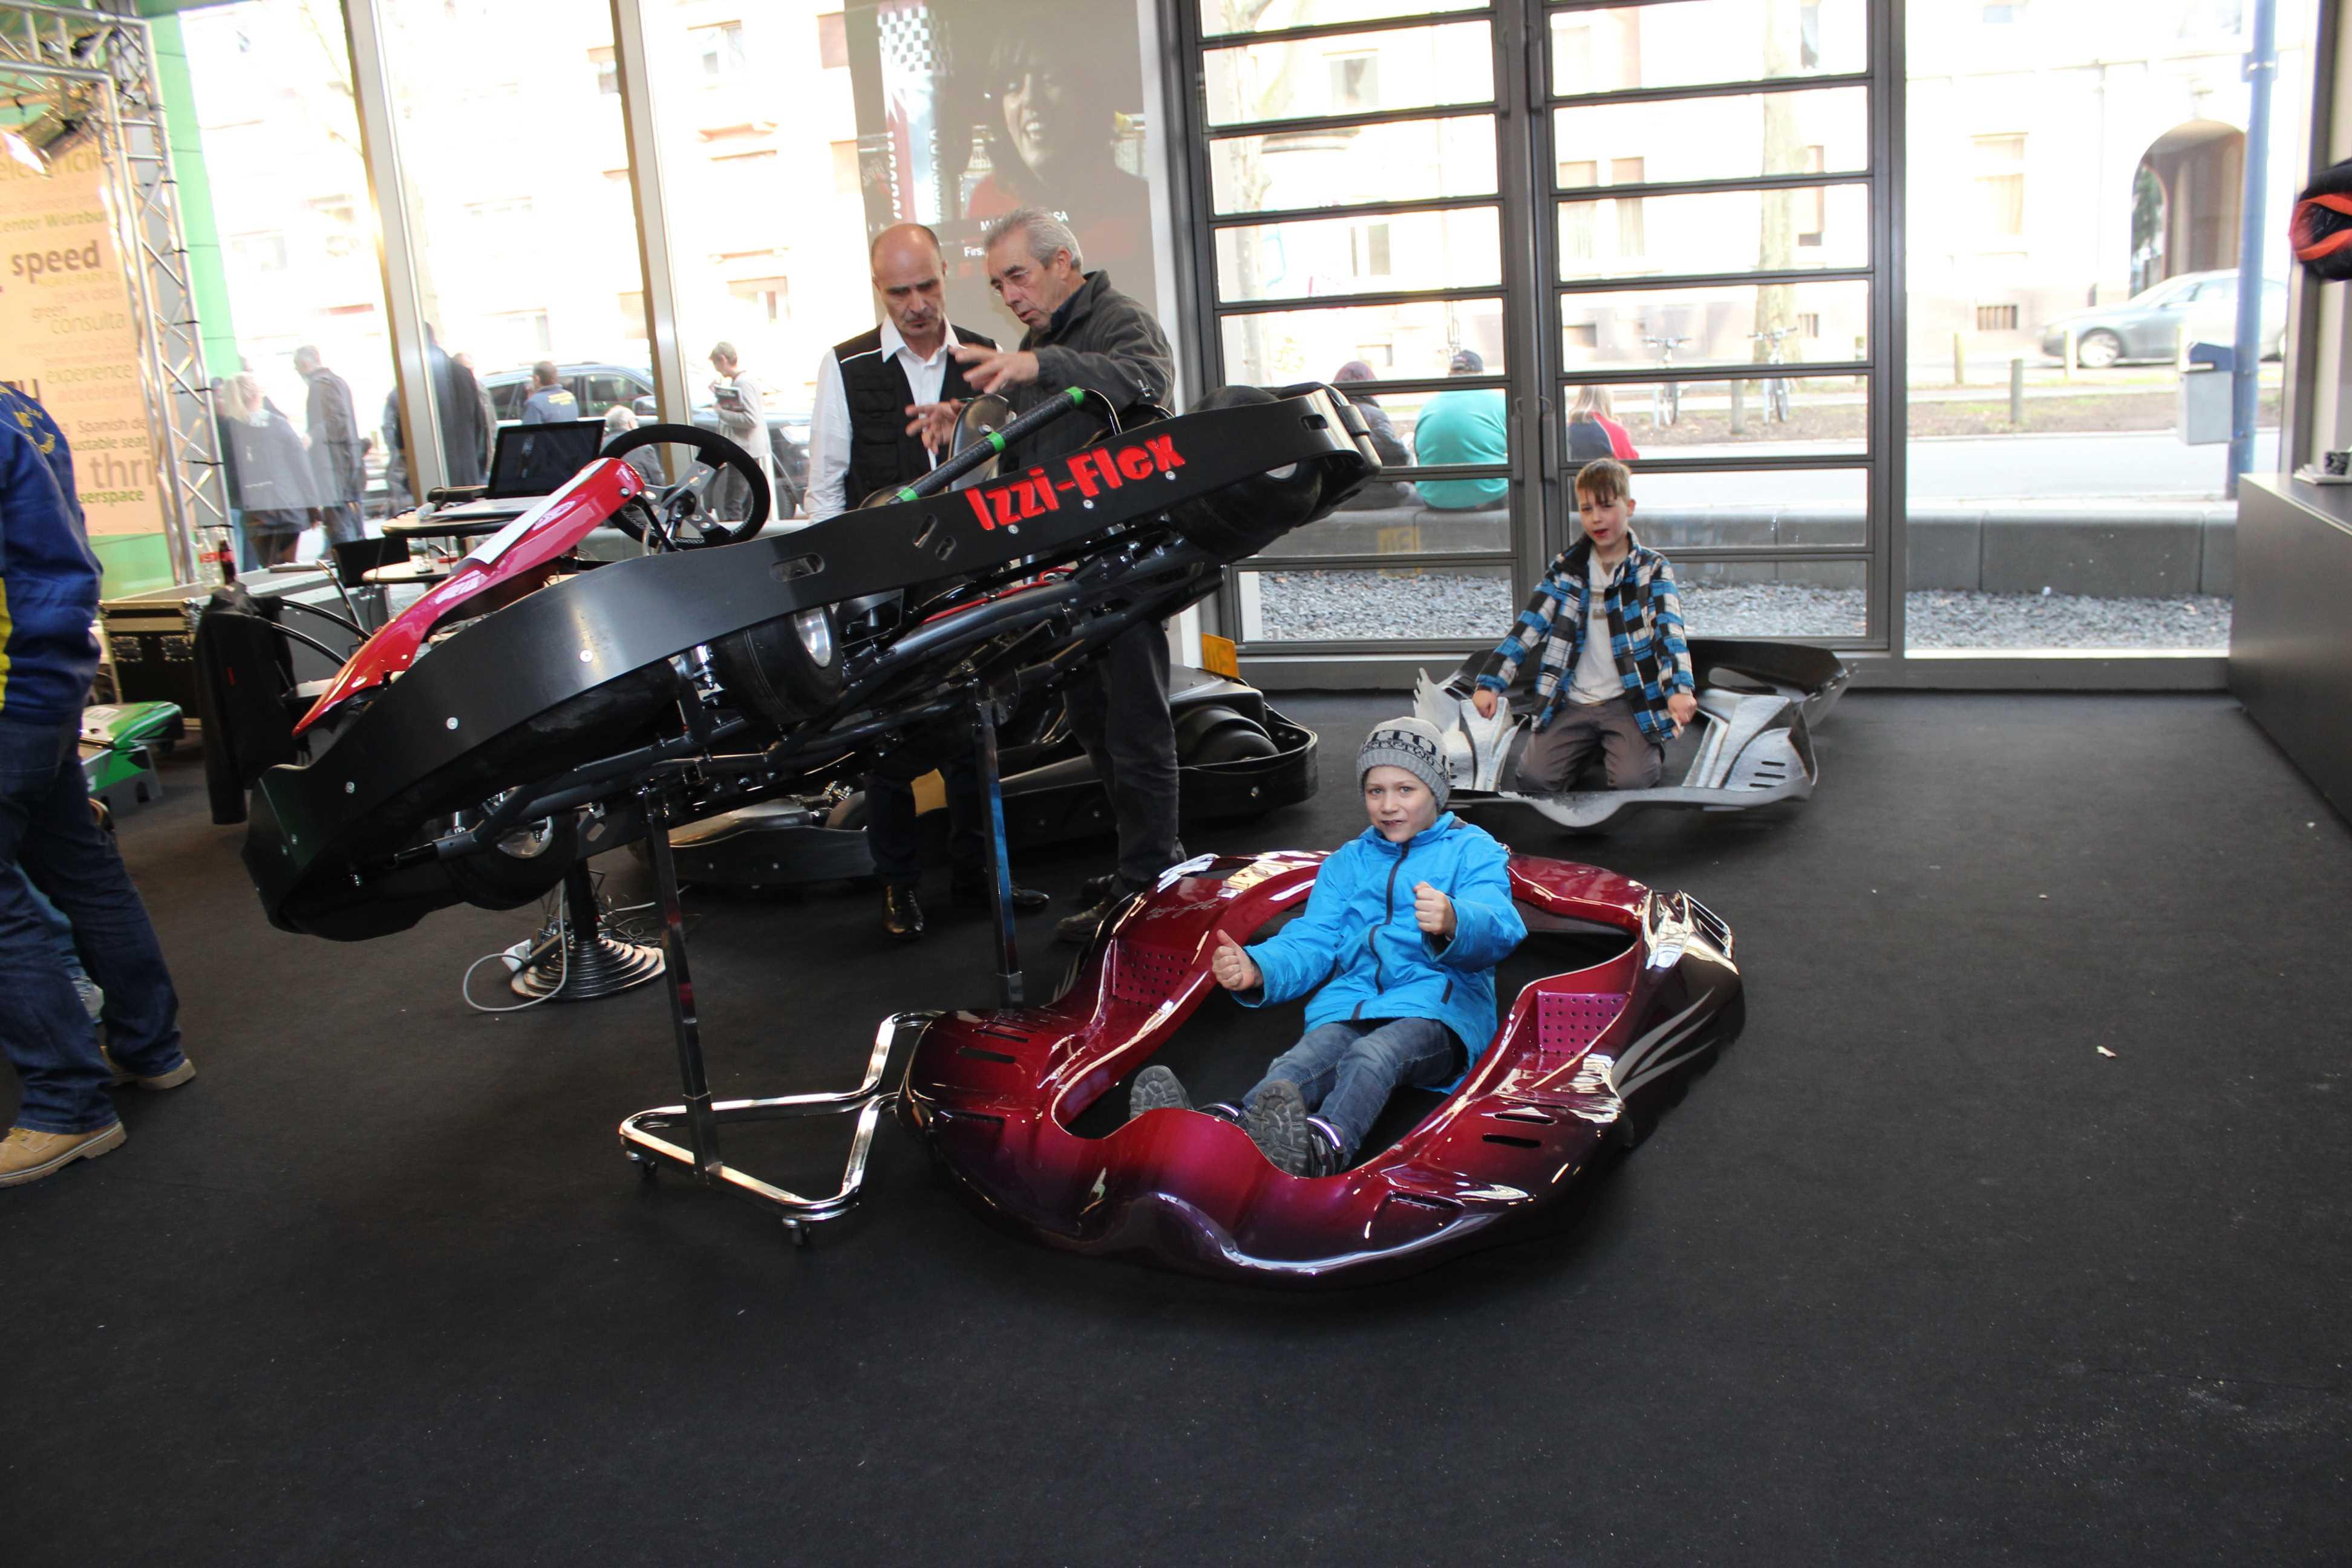 IZZI-FLEX Apresentação na Feira Internacional do Karting Alemanha23